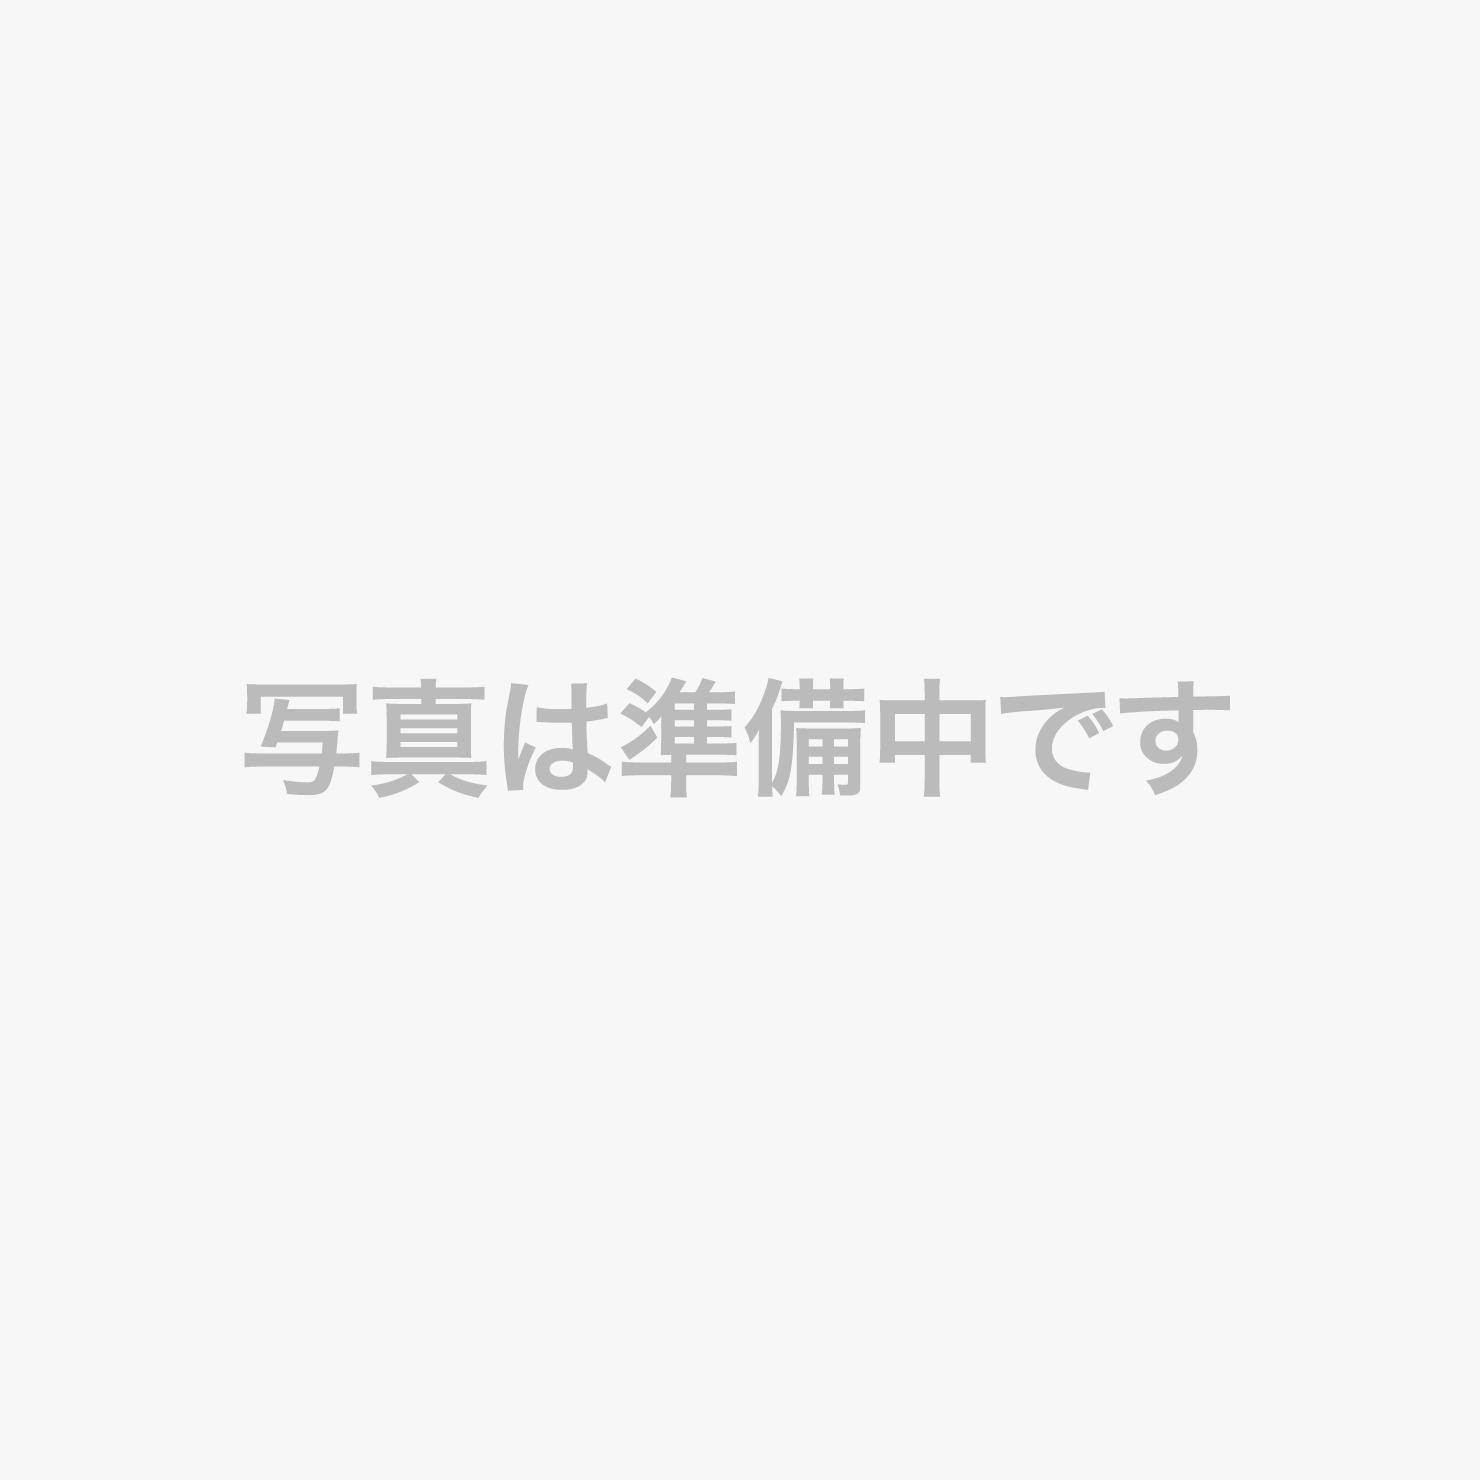 【プレミアムダイニング】グループエリア